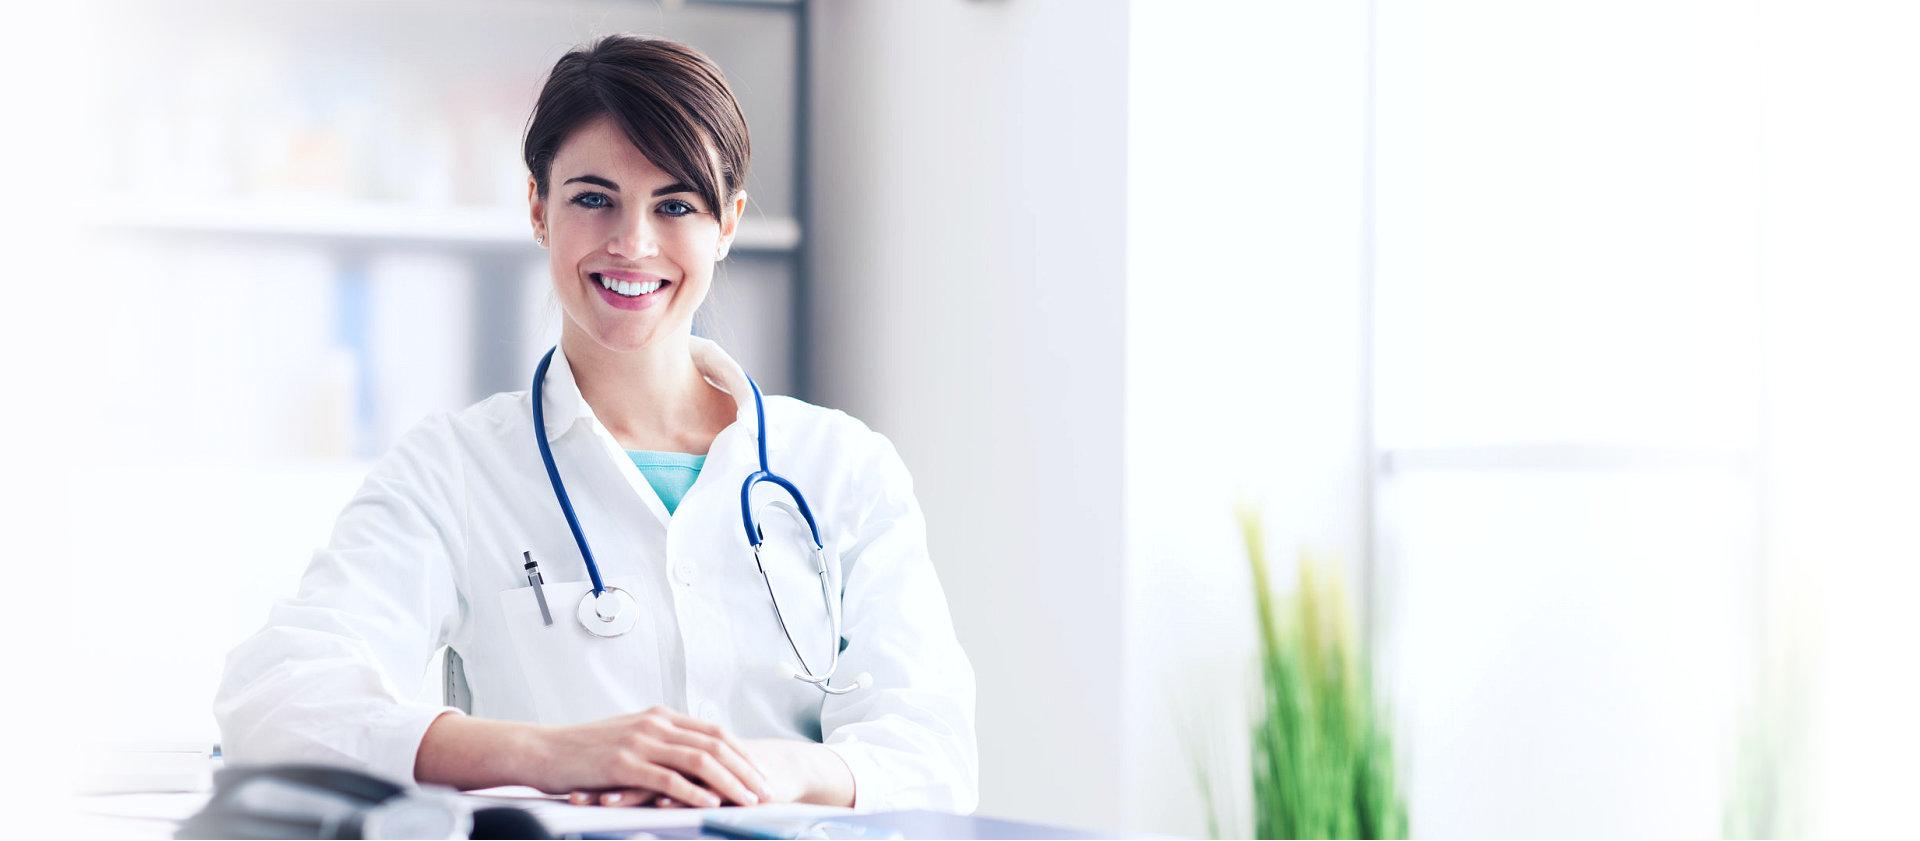 attractive nurse smiling